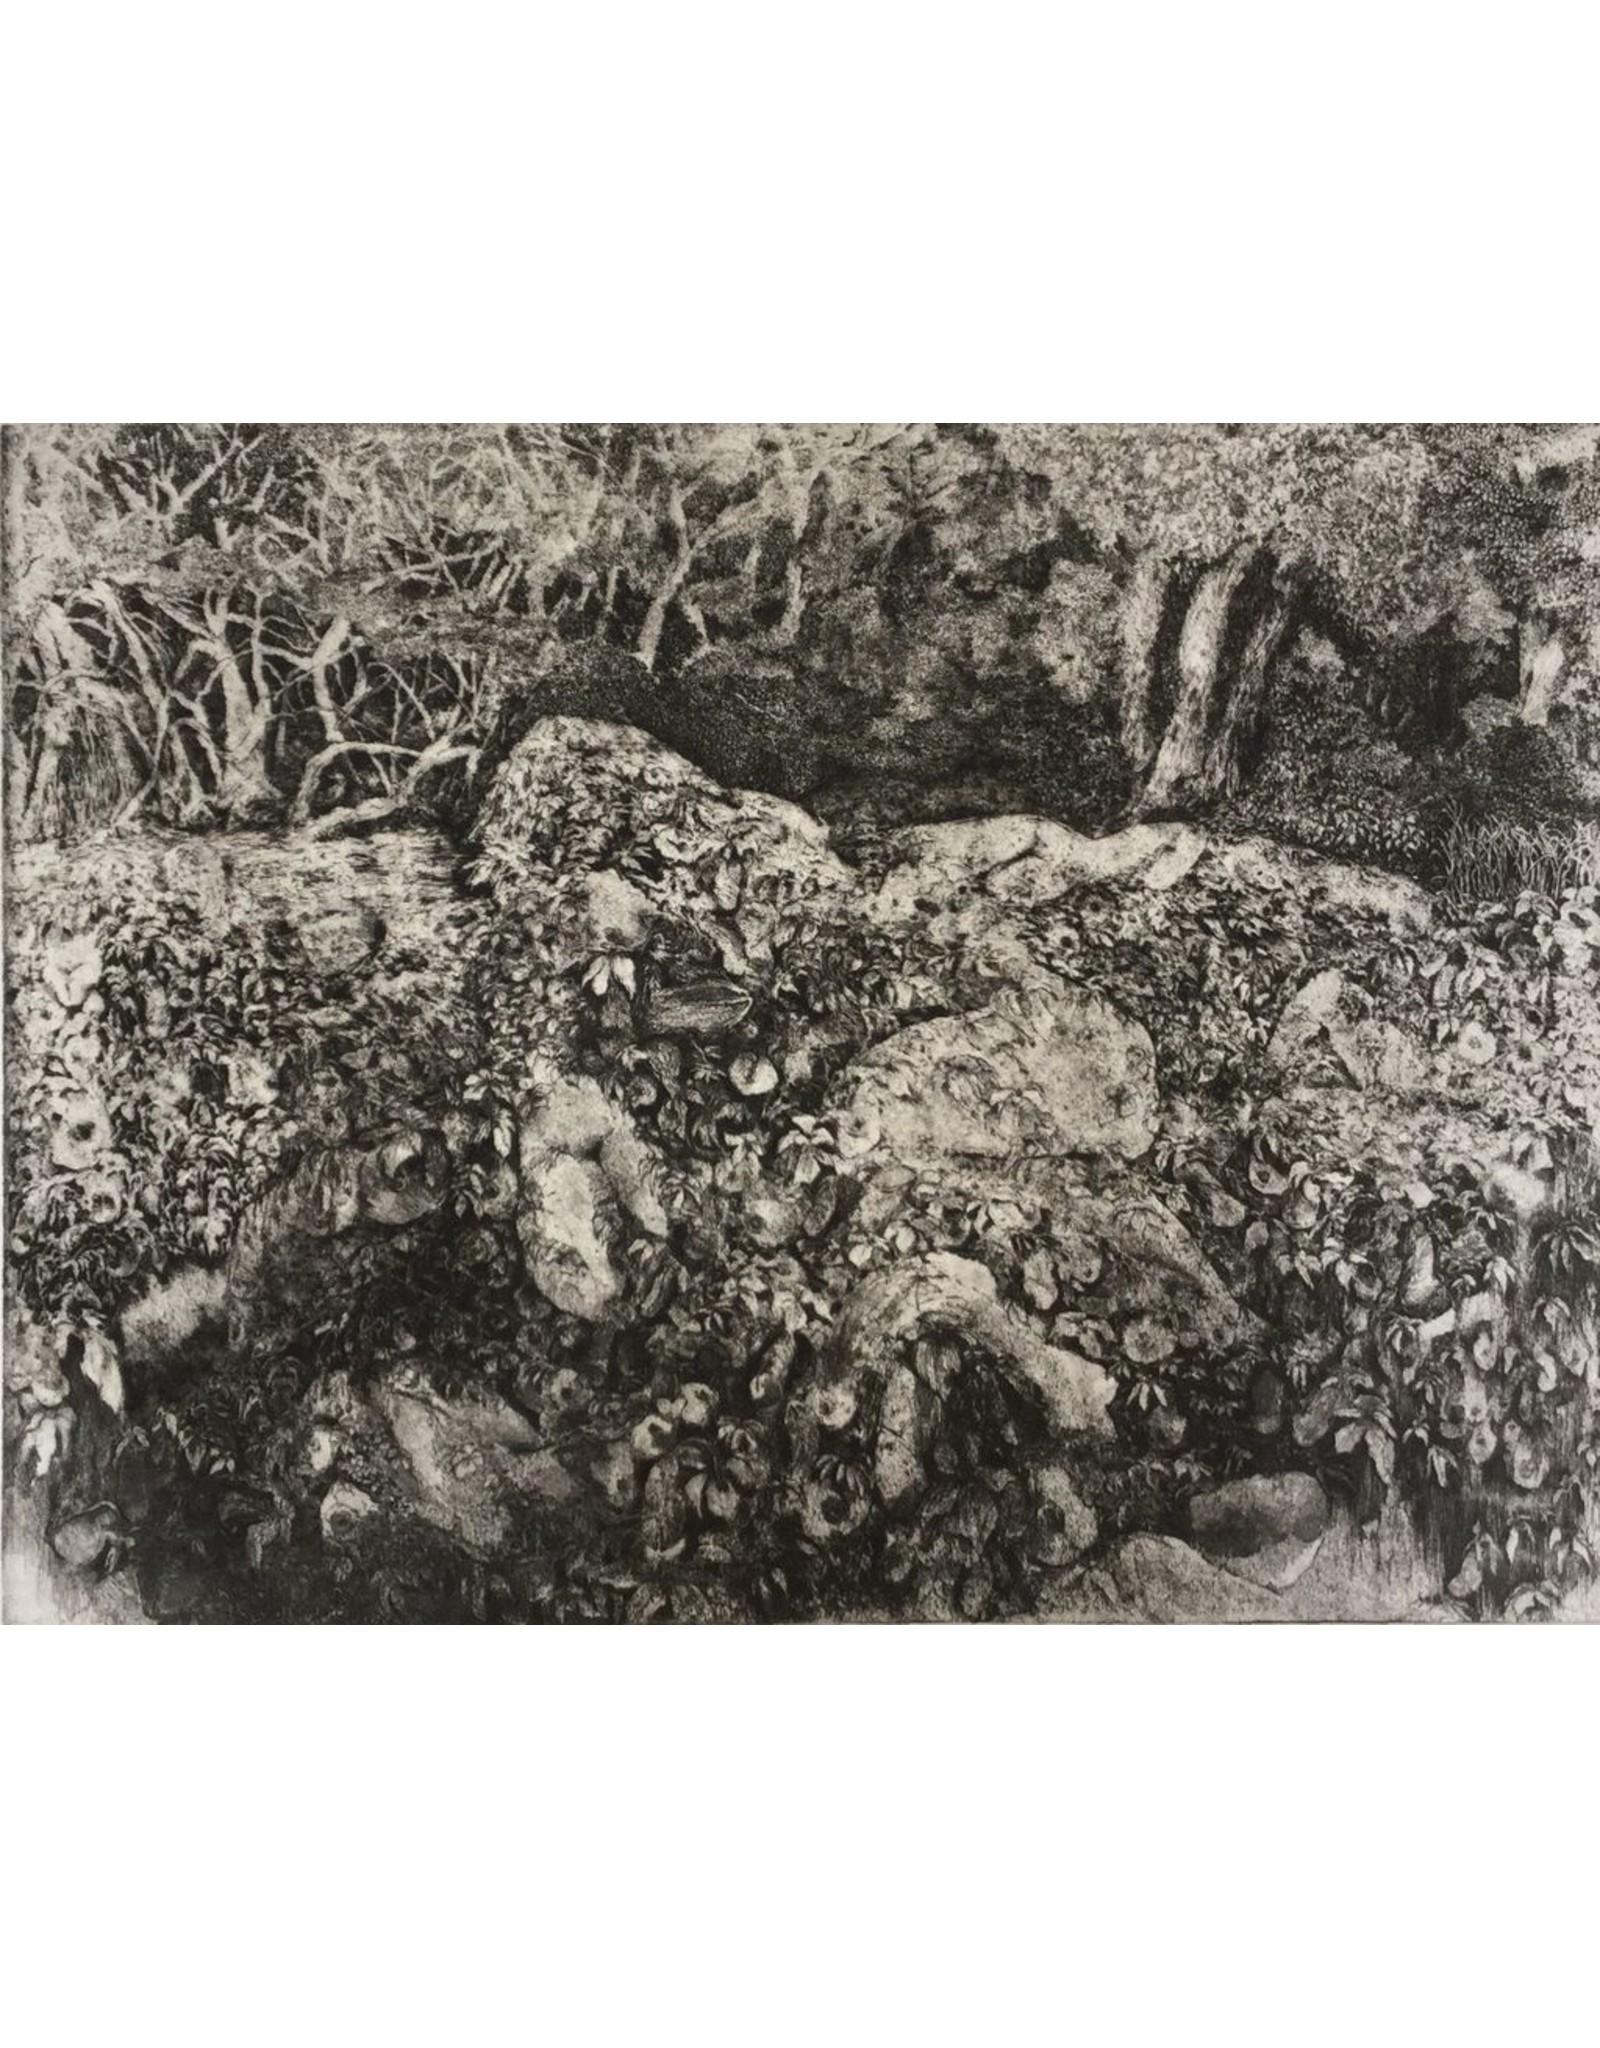 Jacobs, Bev Landscape 2, Bev Jacobs